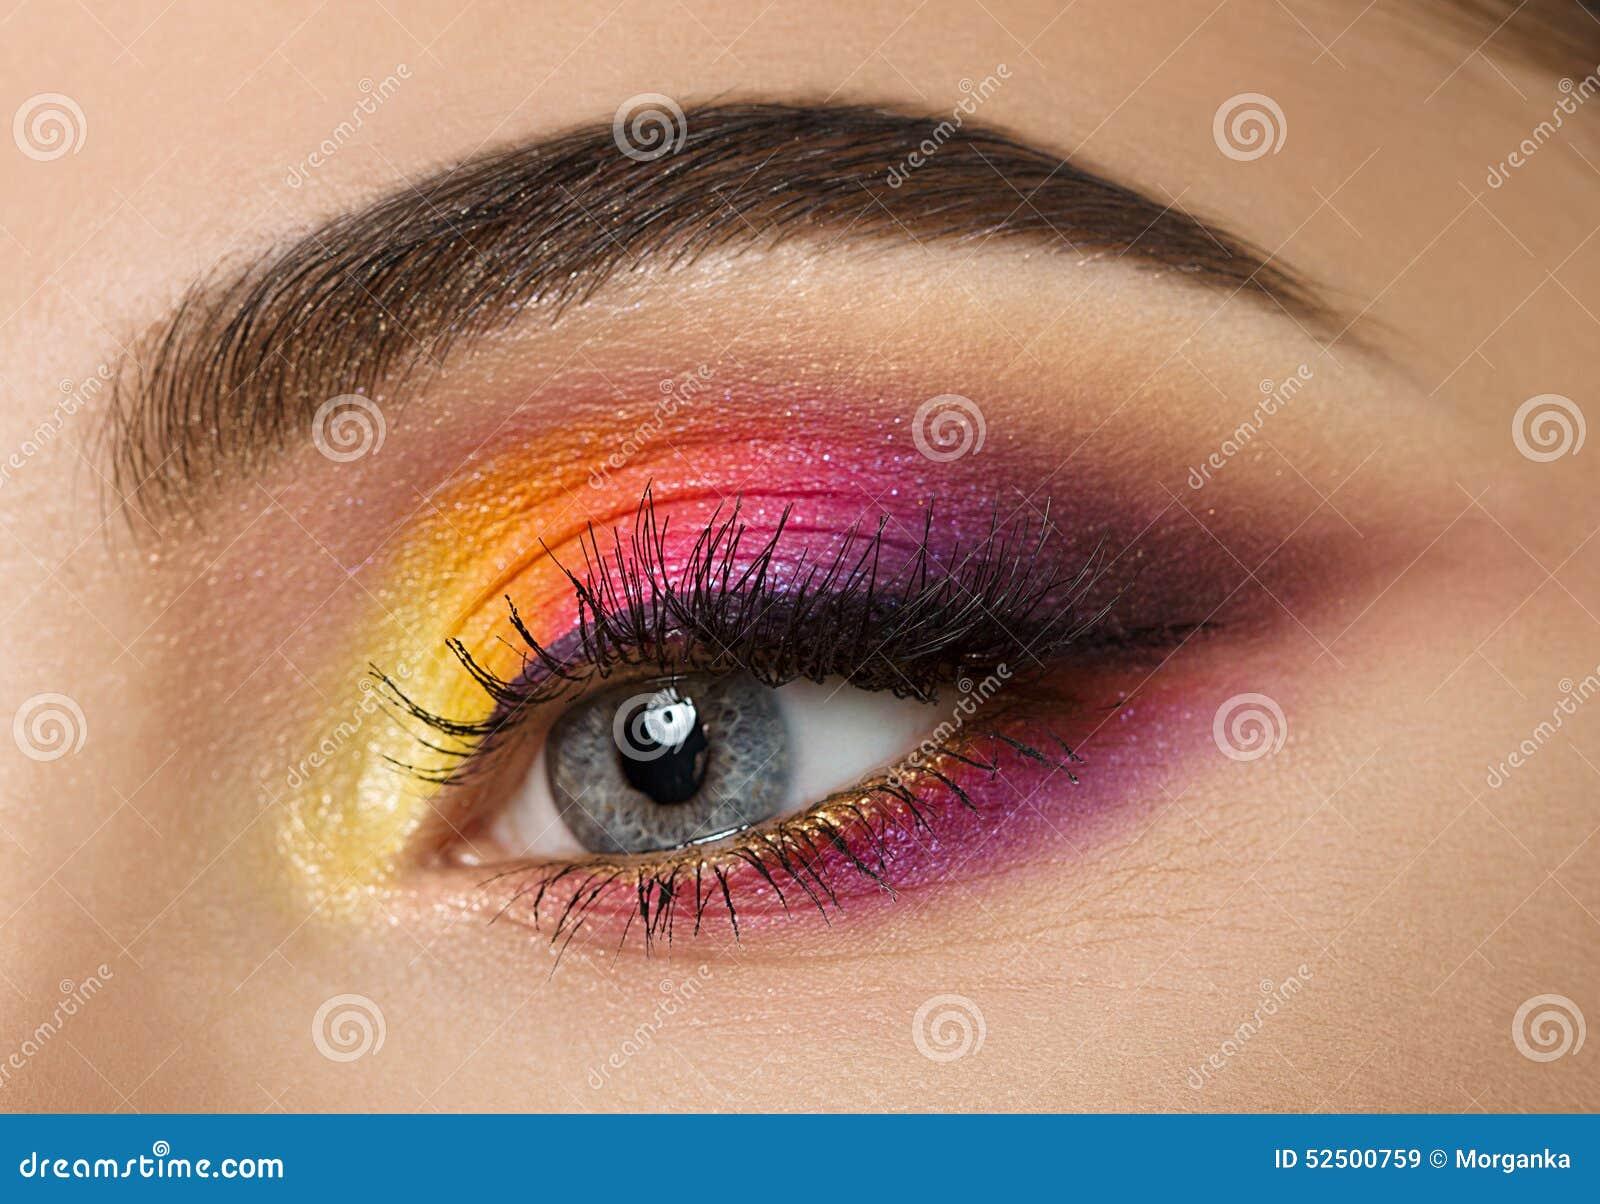 oeil de femme avec le beau maquillage color images libres de droits - Colori Maquillage